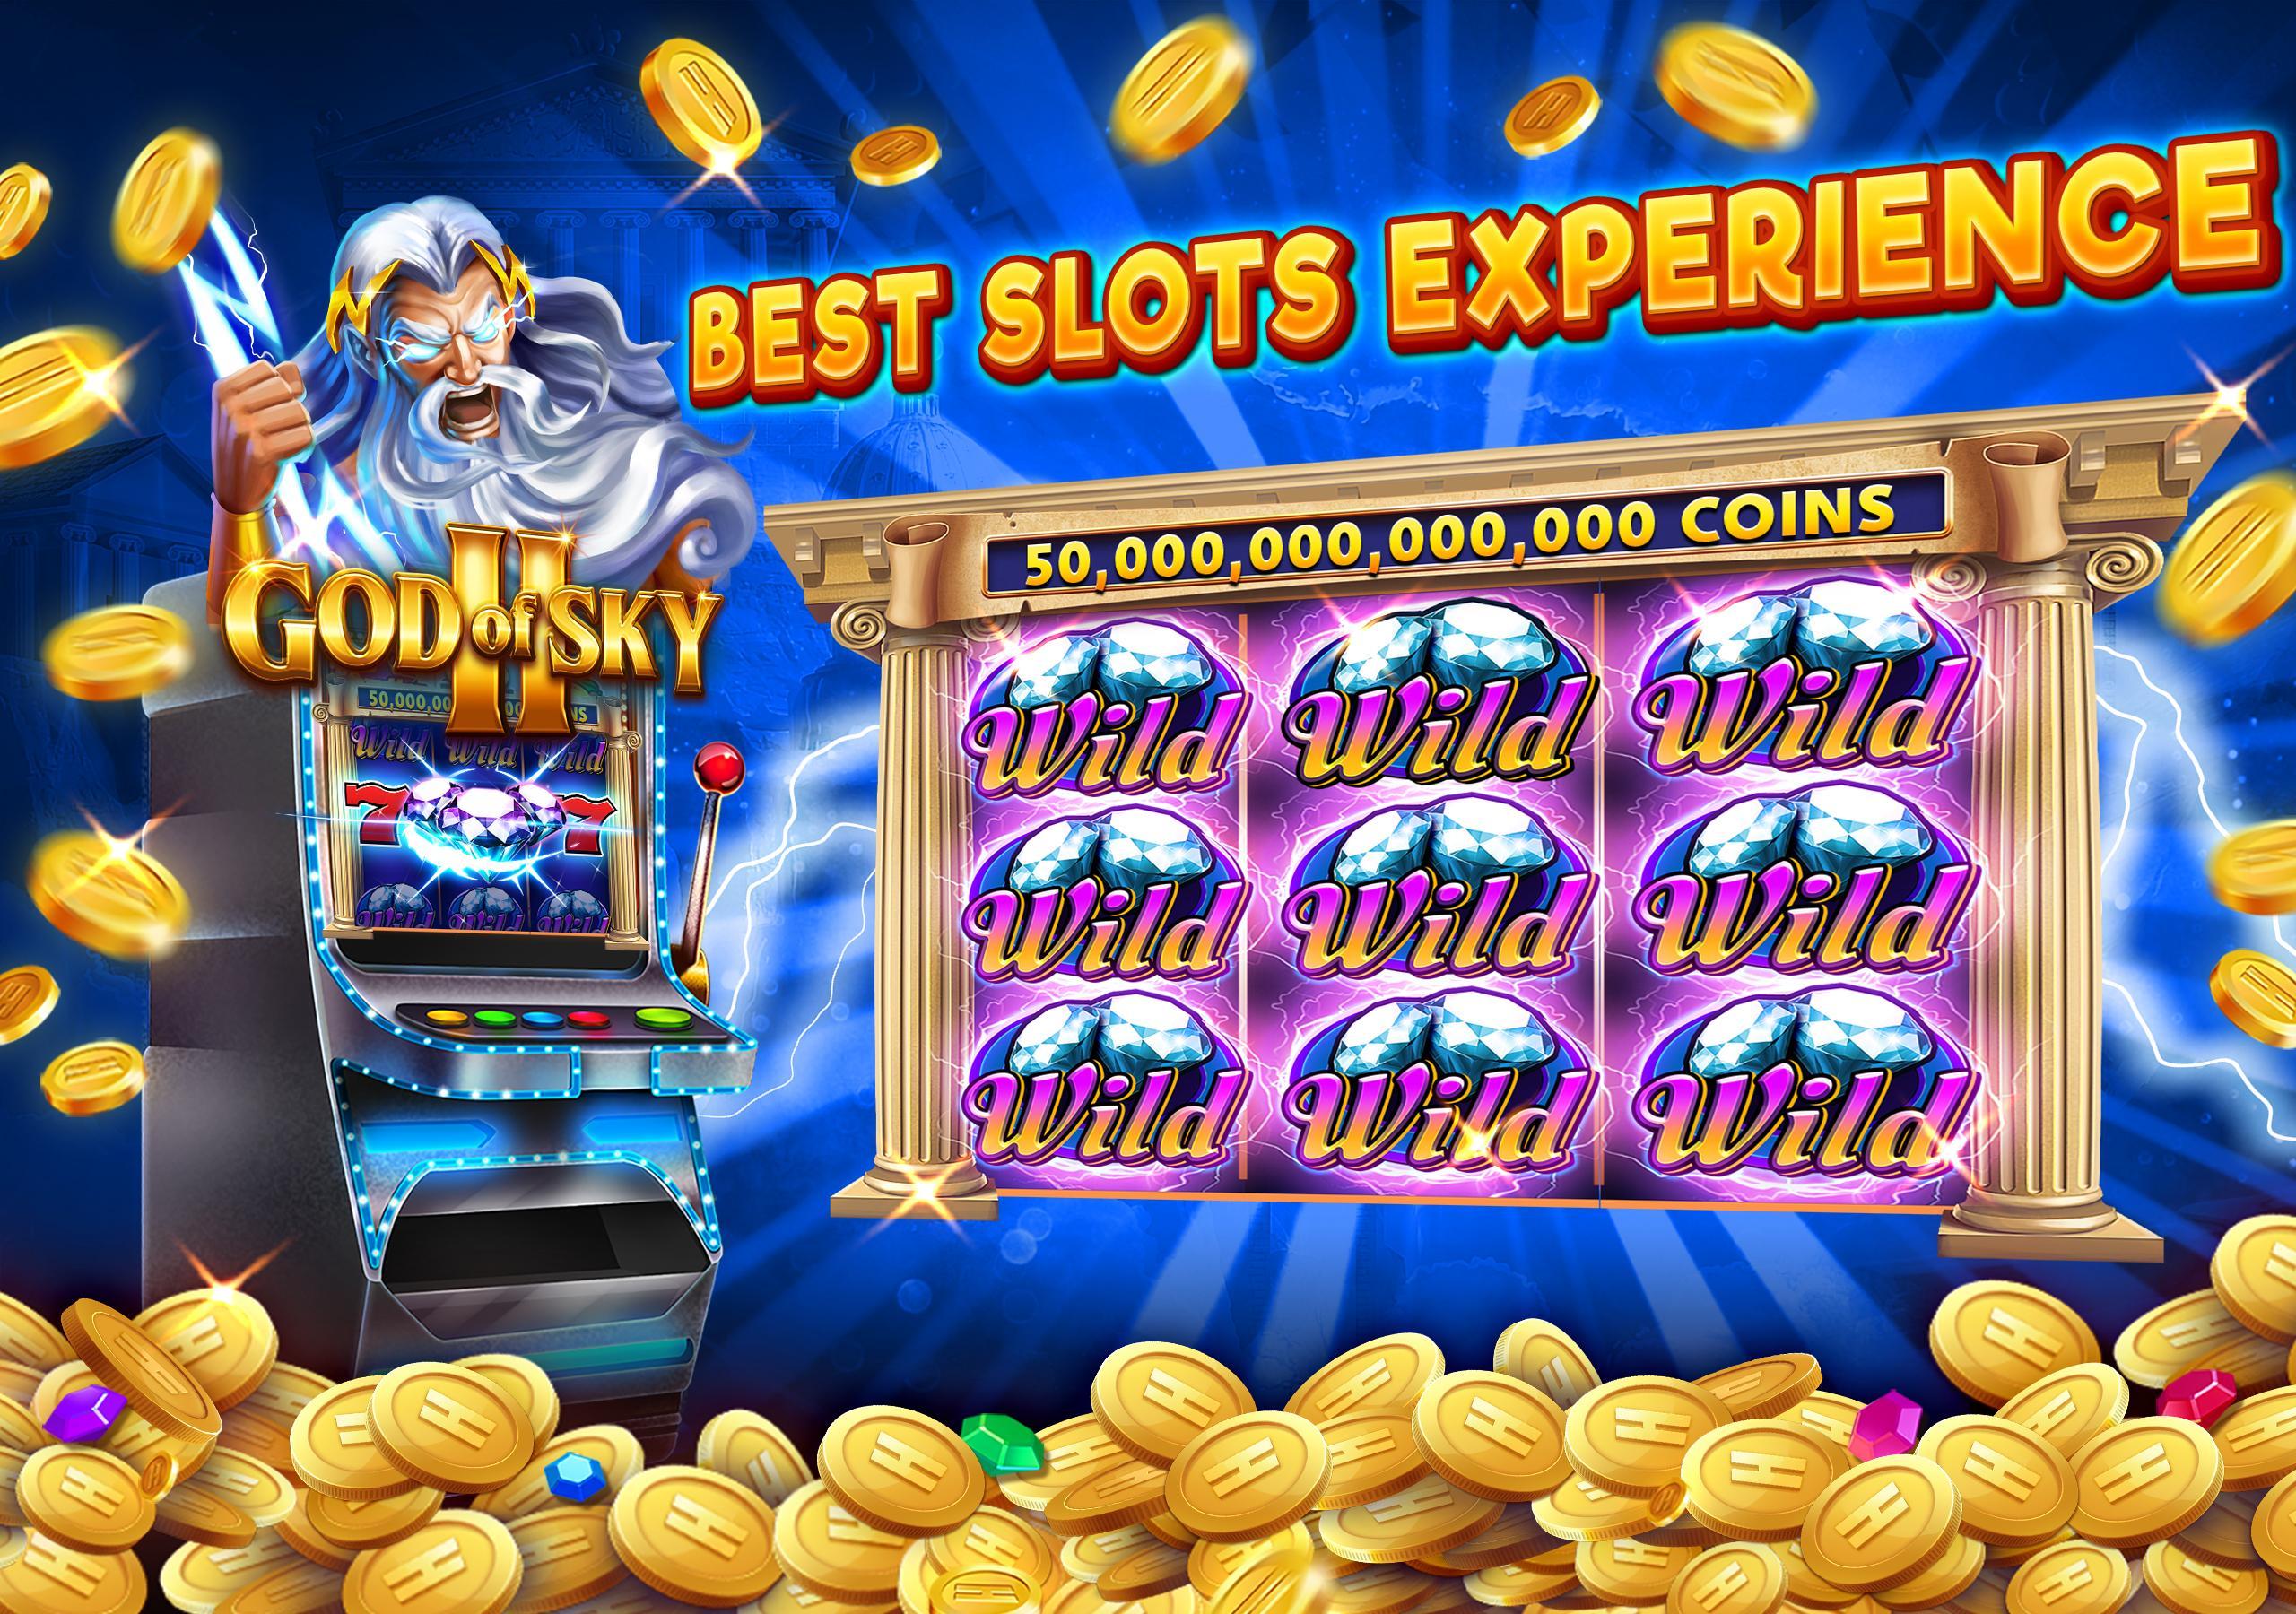 Huuuge Casino Slots - Best Slot Machines 6.1.2700 Screenshot 10